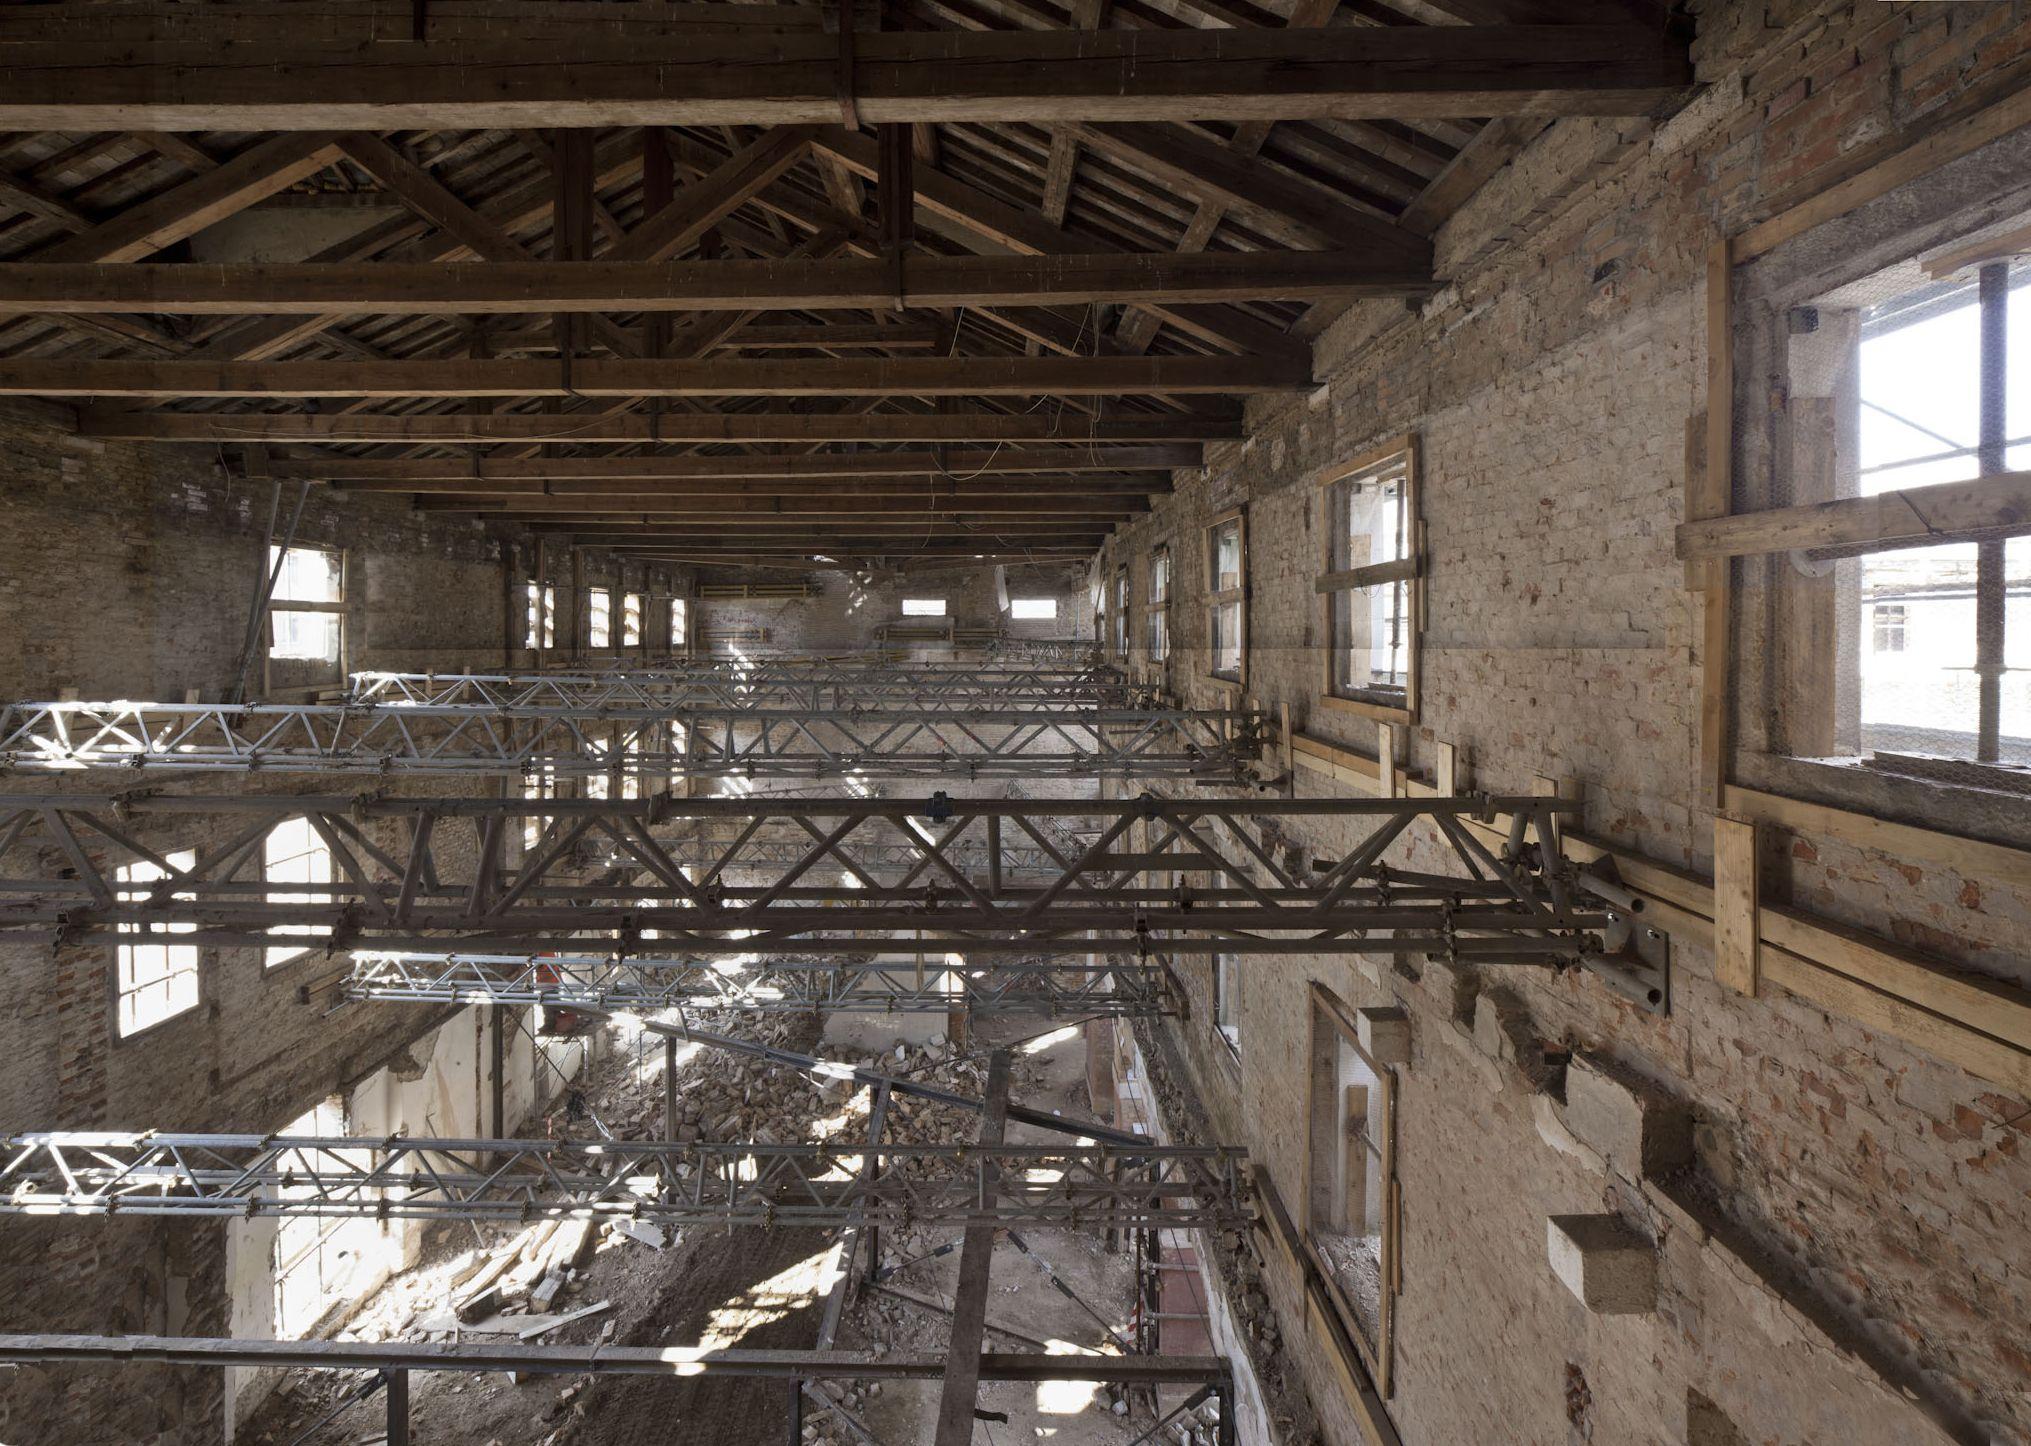 Demolizione Solaio In Legno.Demolizione Solai Interni E Ponteggi Di Forza 2014 Museum